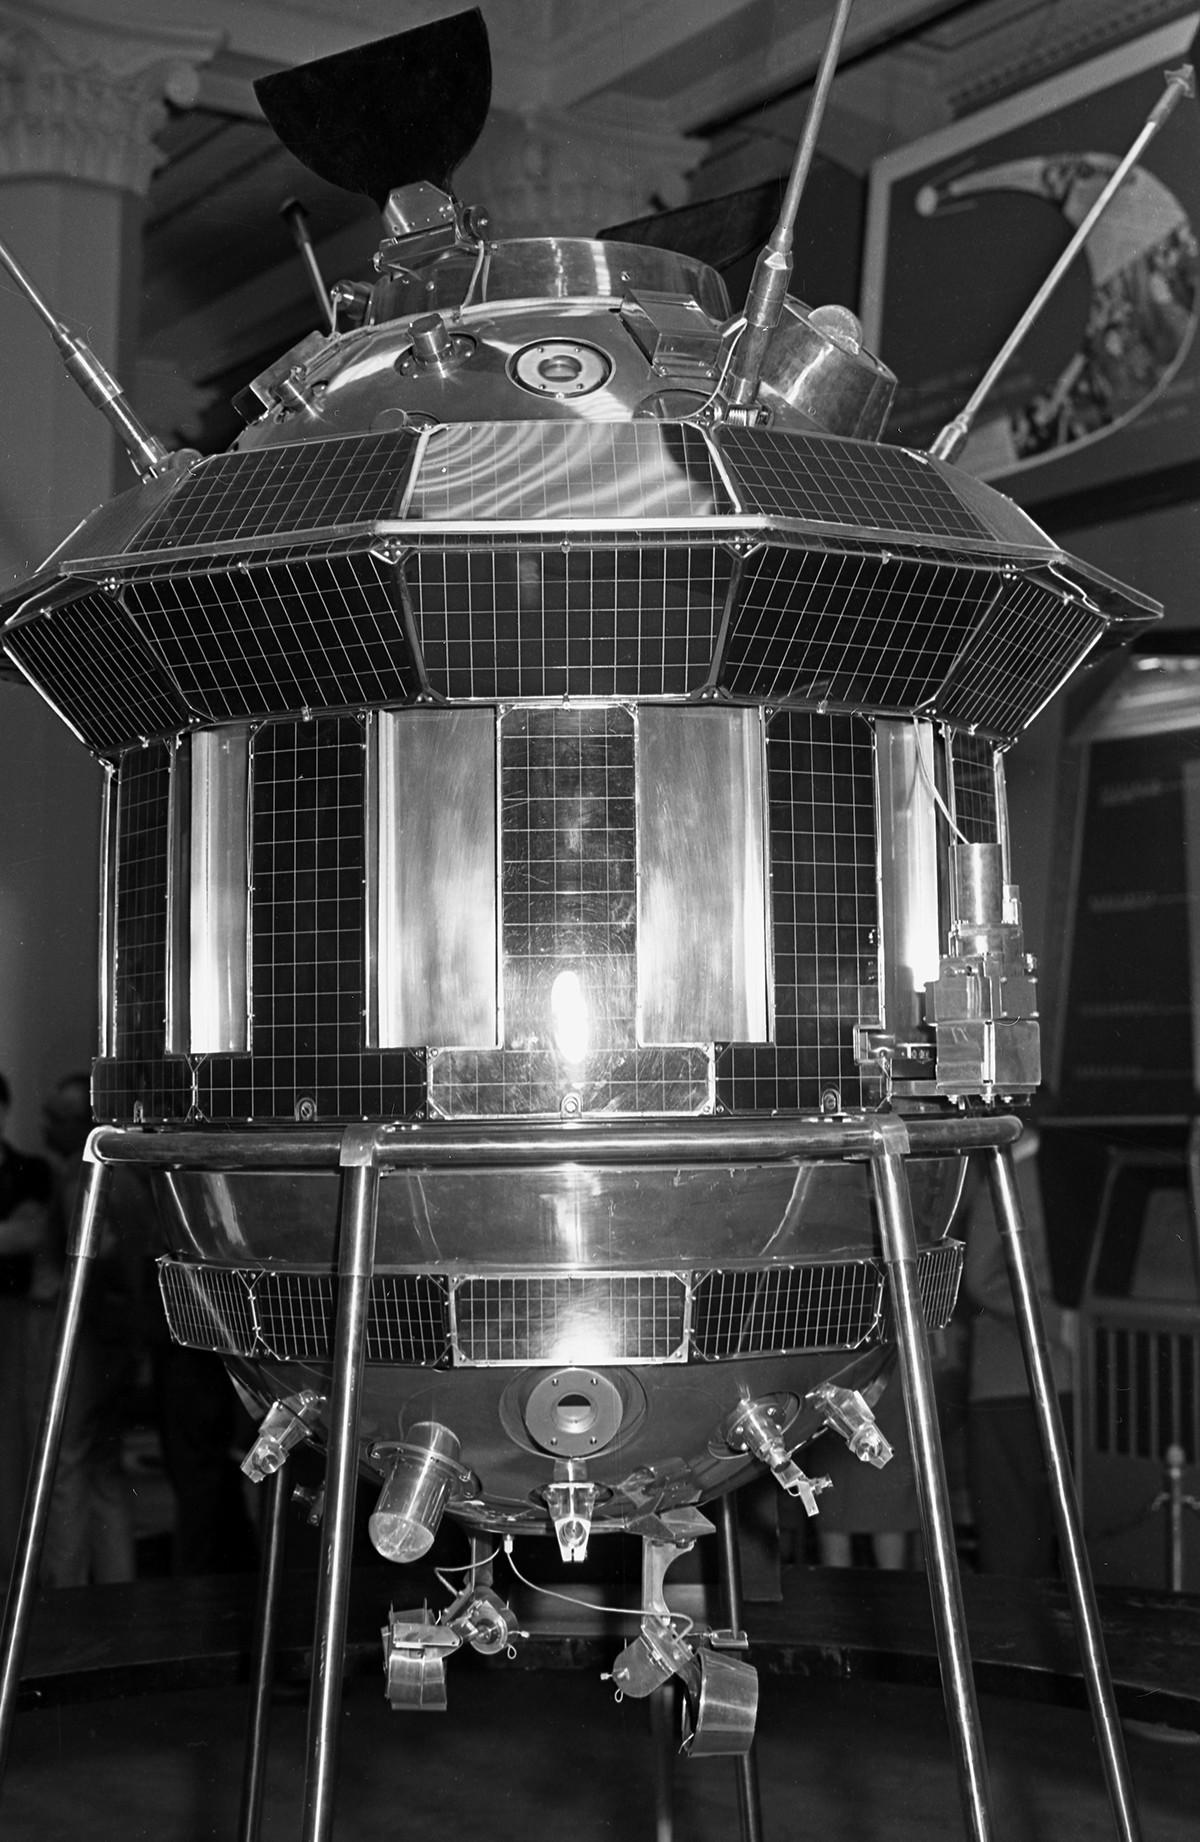 Un prototipo de la estación interplanetaria automática soviética Luna-3.